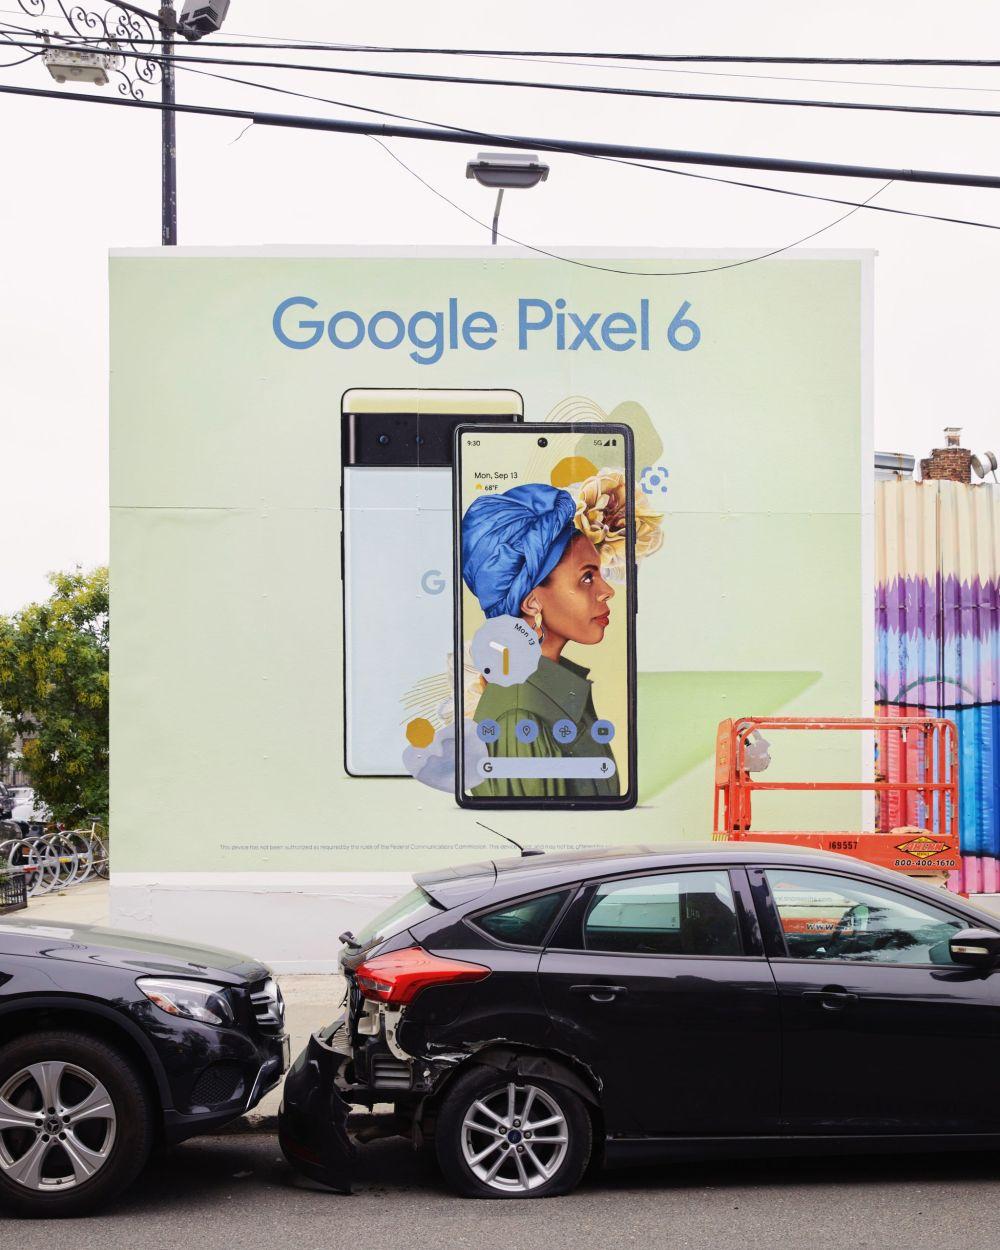 pixel 6 billboard 3